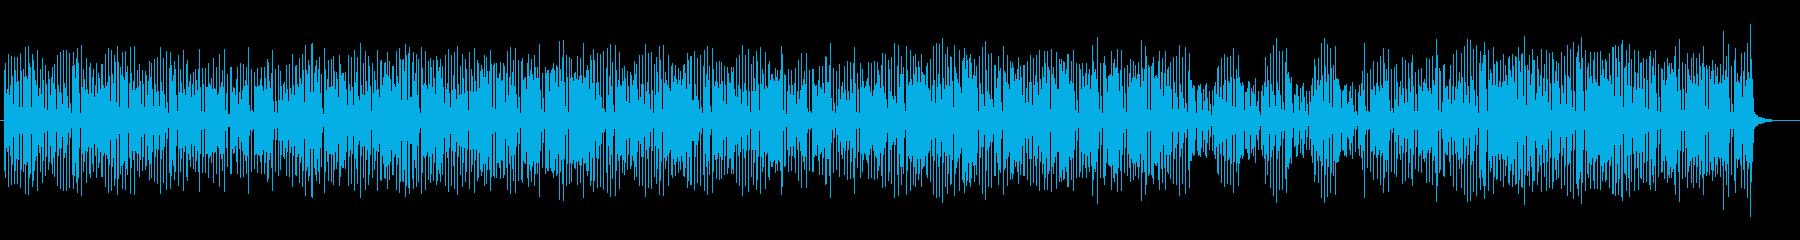 ミディアムテンポのキラキラしたポップスの再生済みの波形